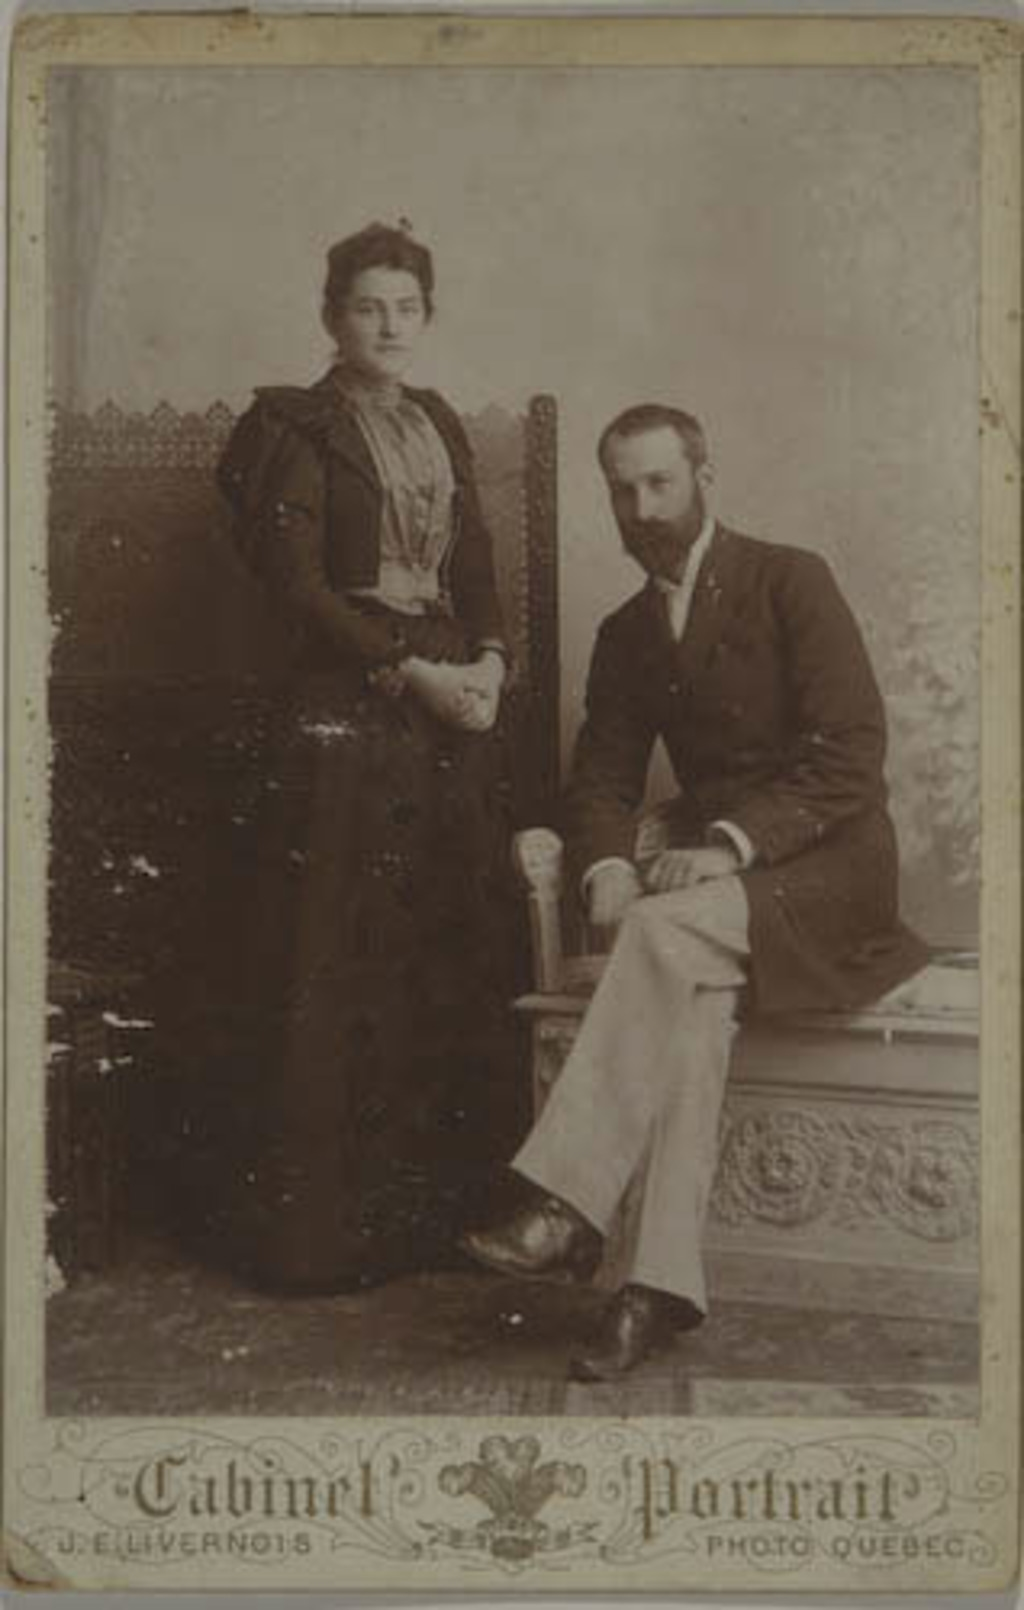 Pierre D'Auteuil et son épouse née Marie-Alexine-Adèle Dumas, de l'album de la famille Taché-Cimon